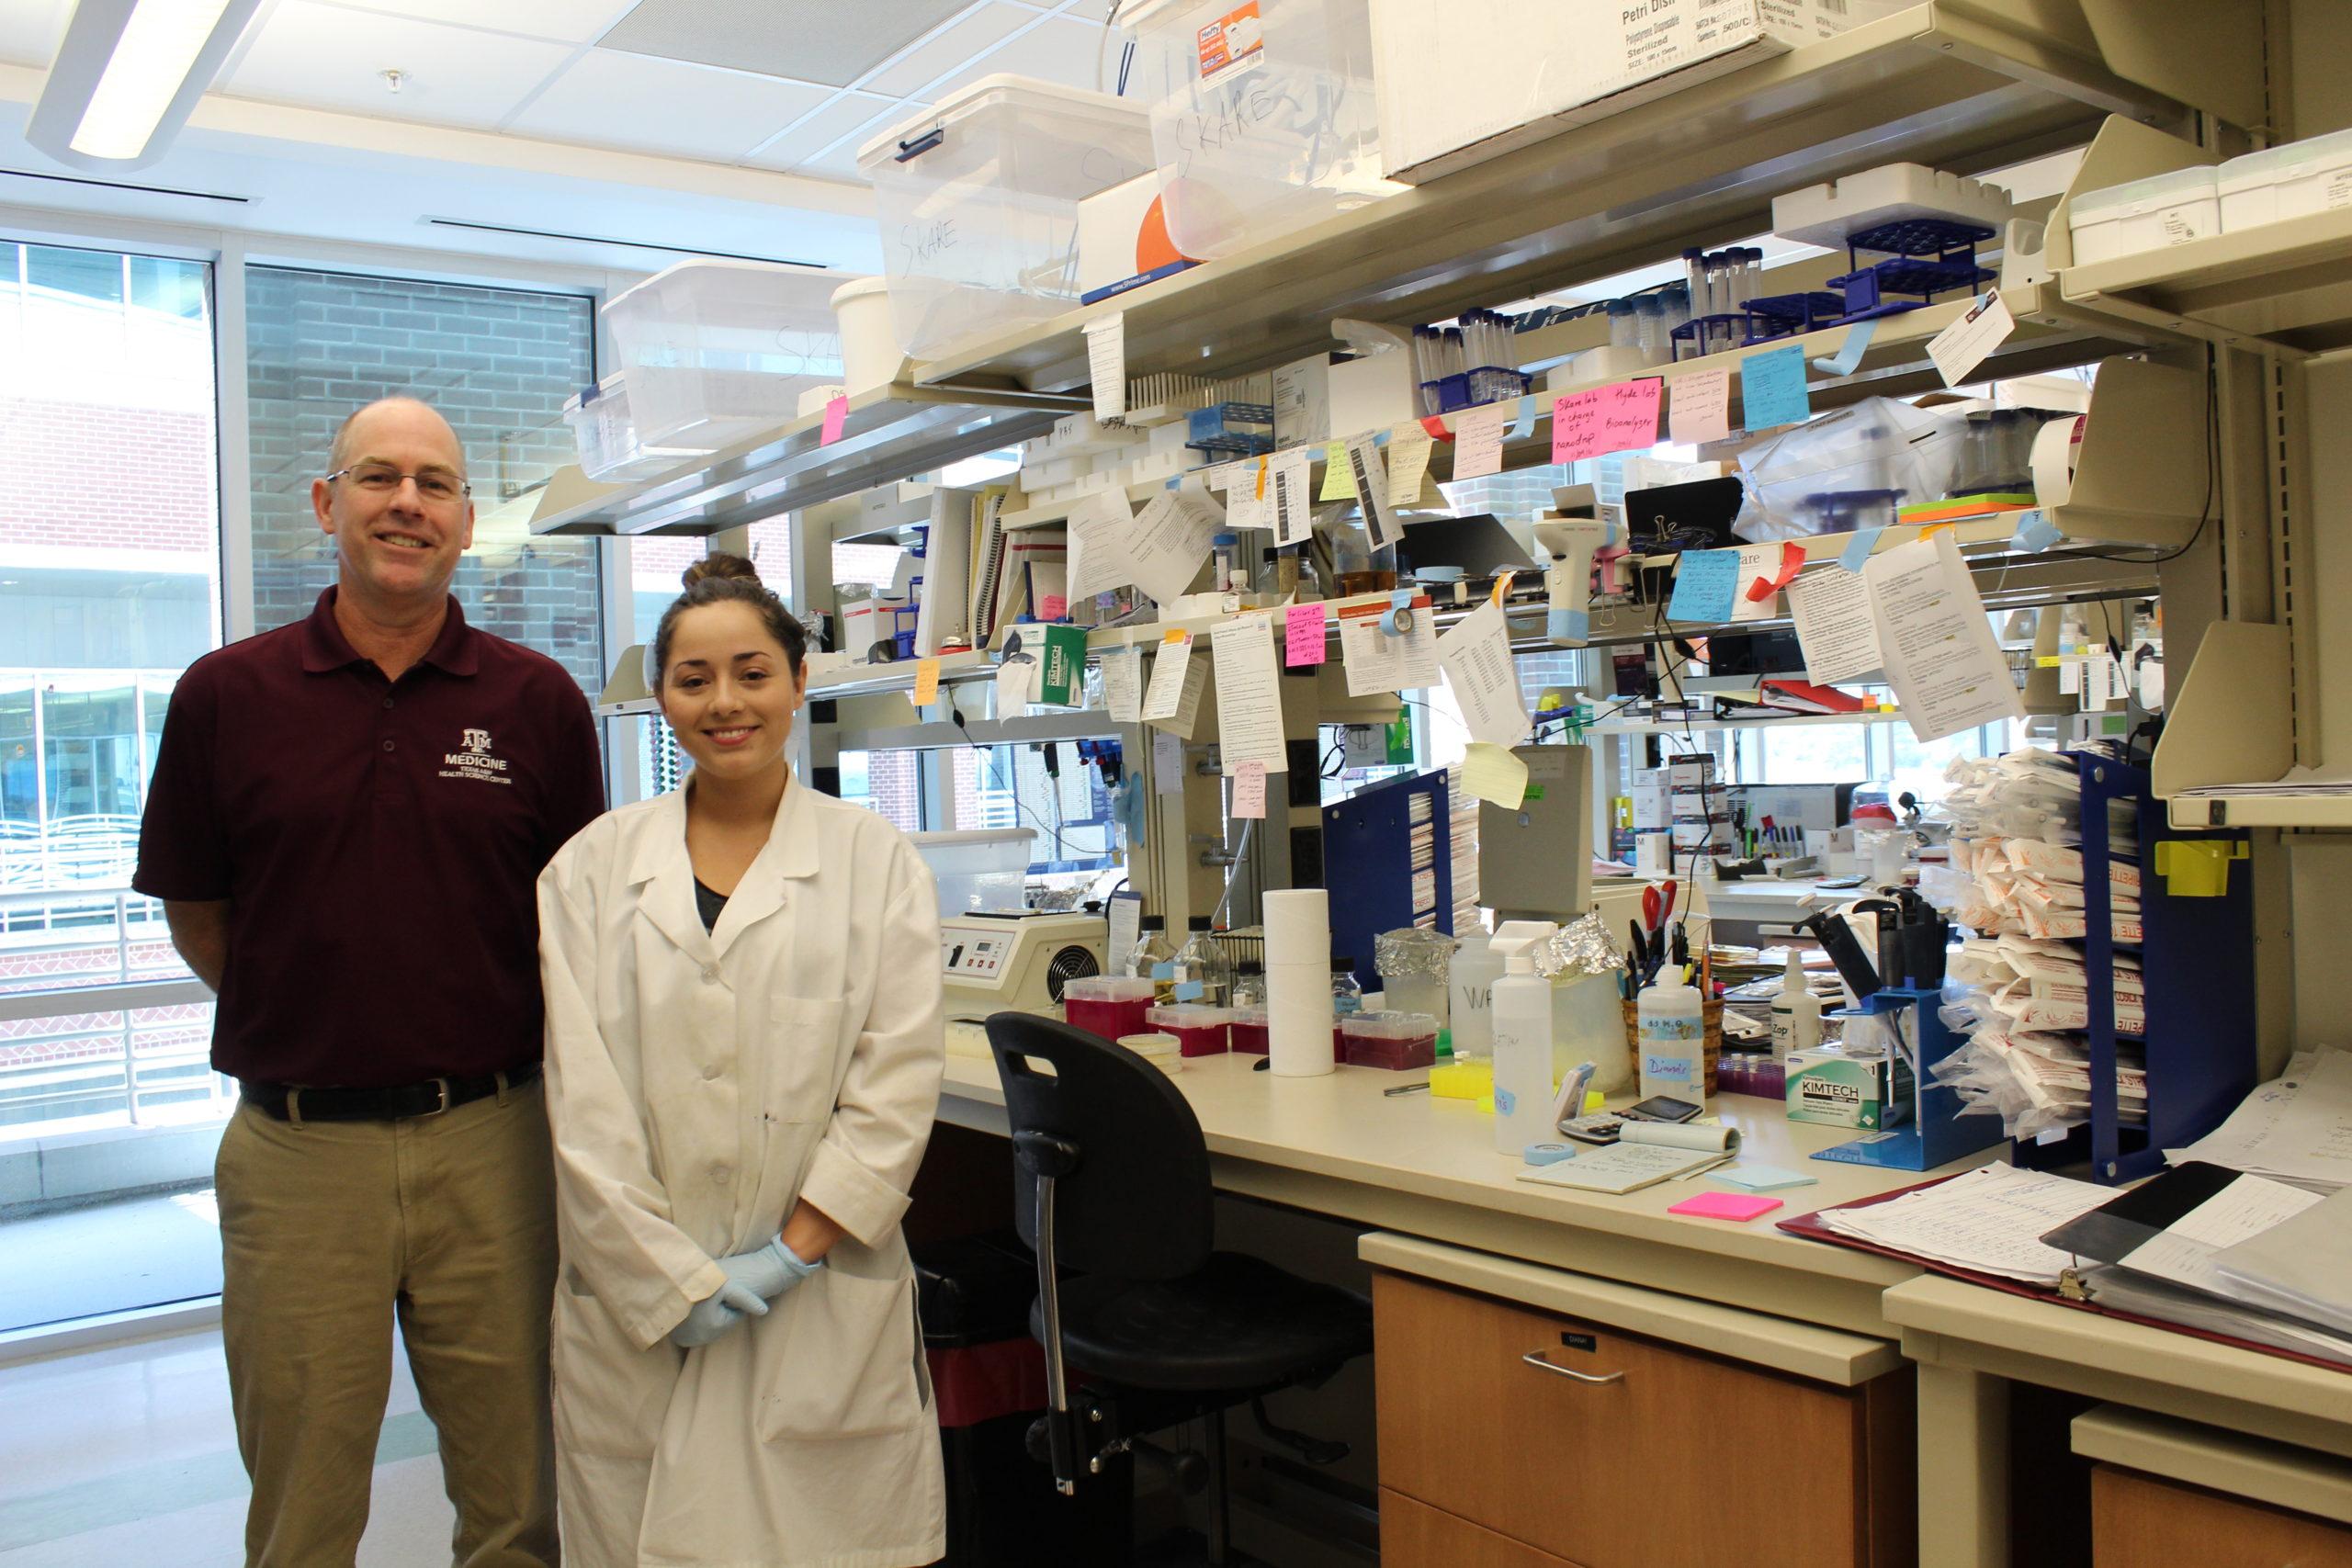 Diana Medina, PhD